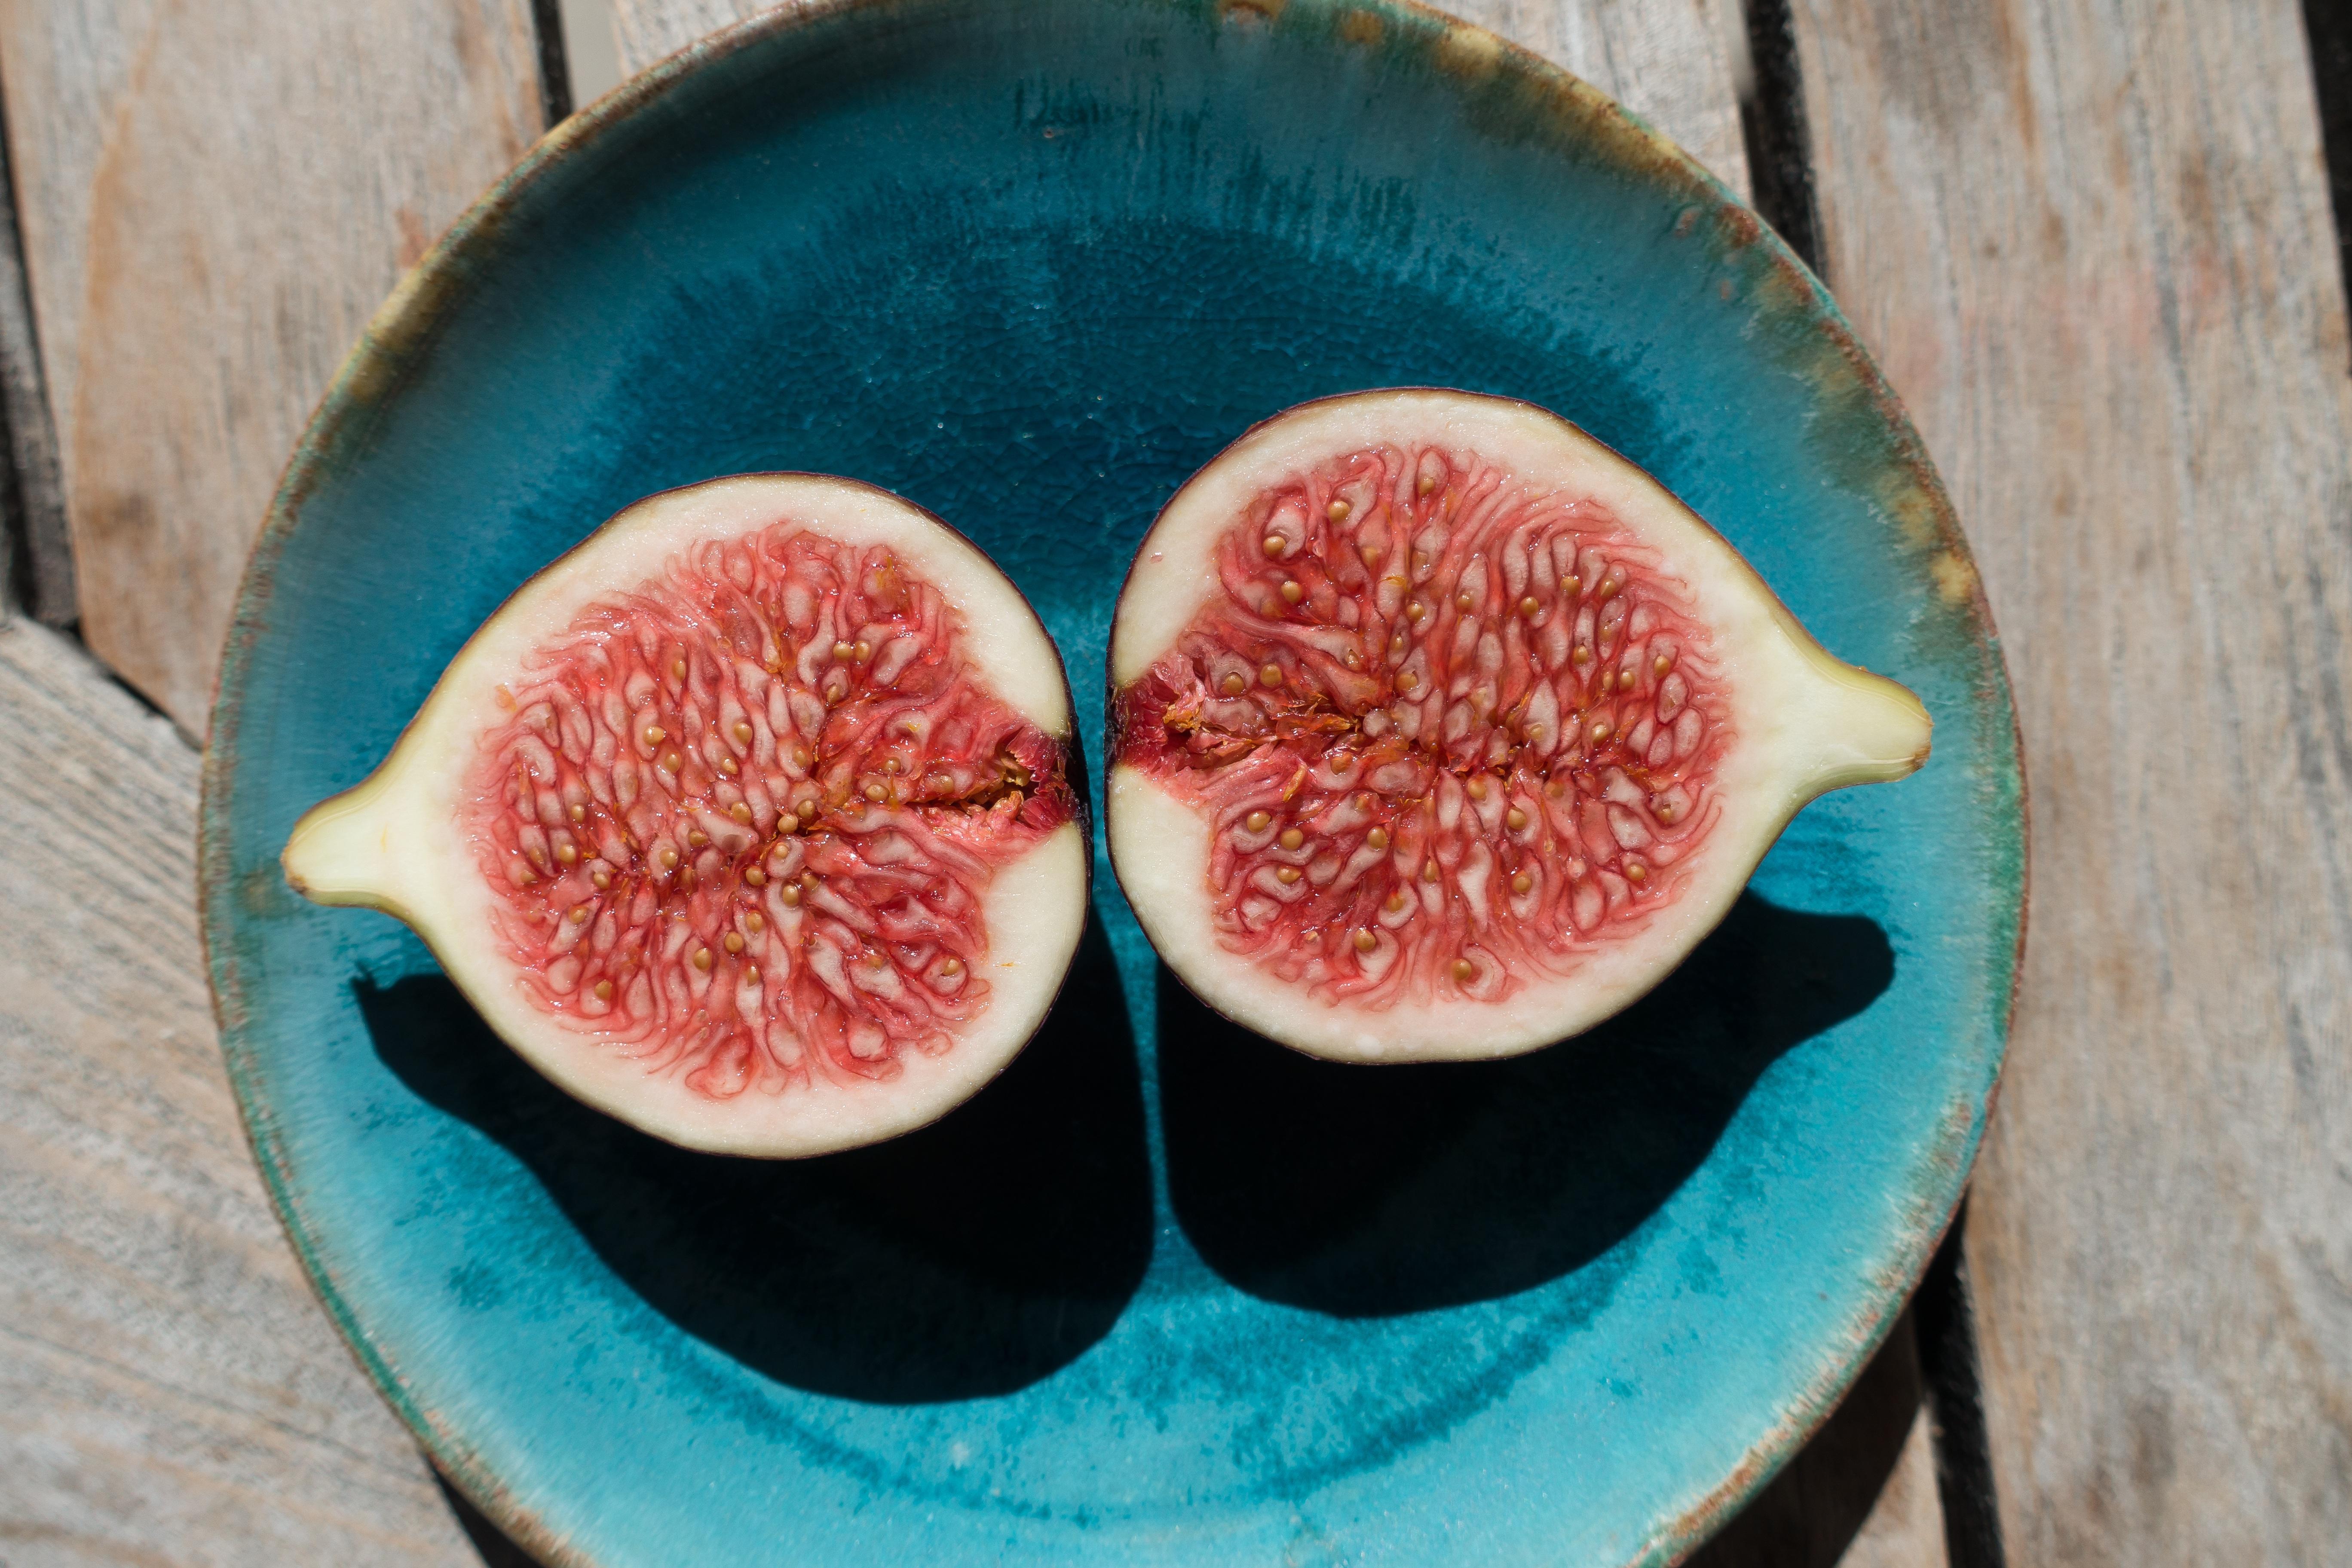 images gratuites : fruit, fleur, mûr, aliments, vert, rouge